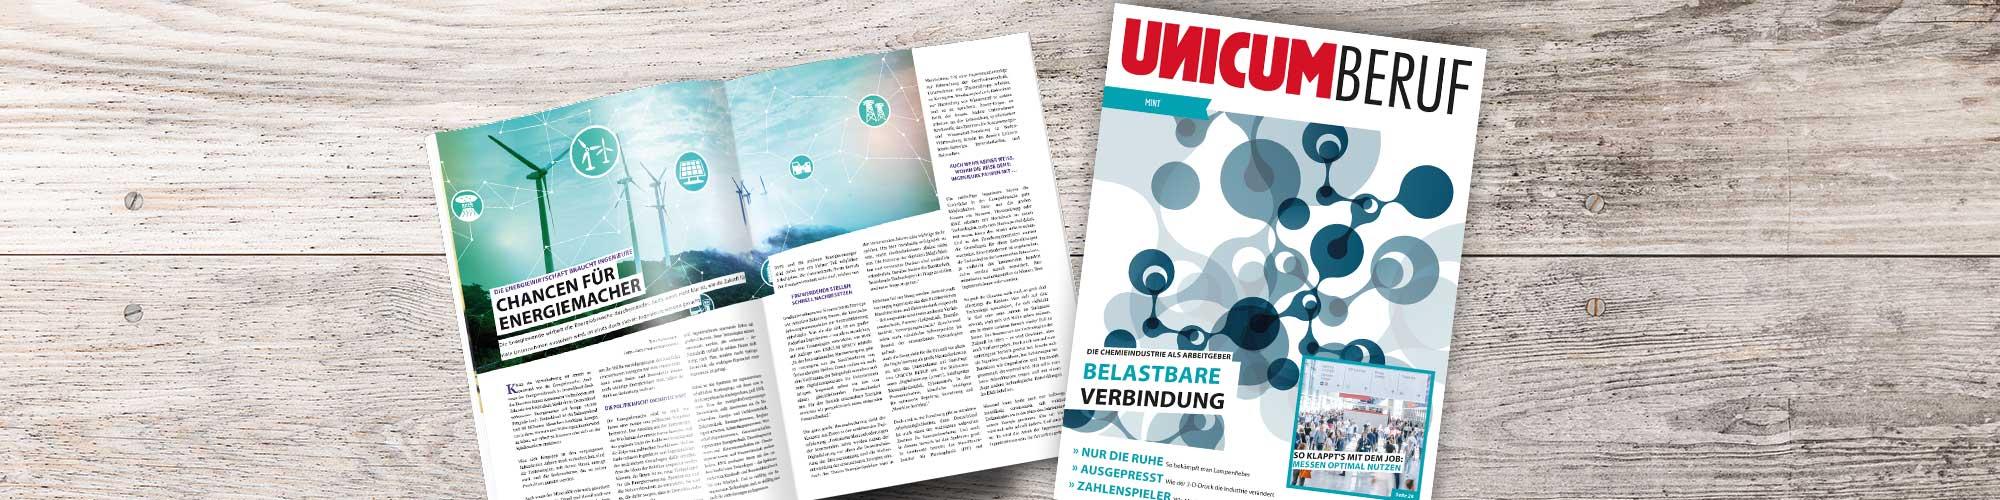 Das Cover und der Innenteil der UNICUM BERUF